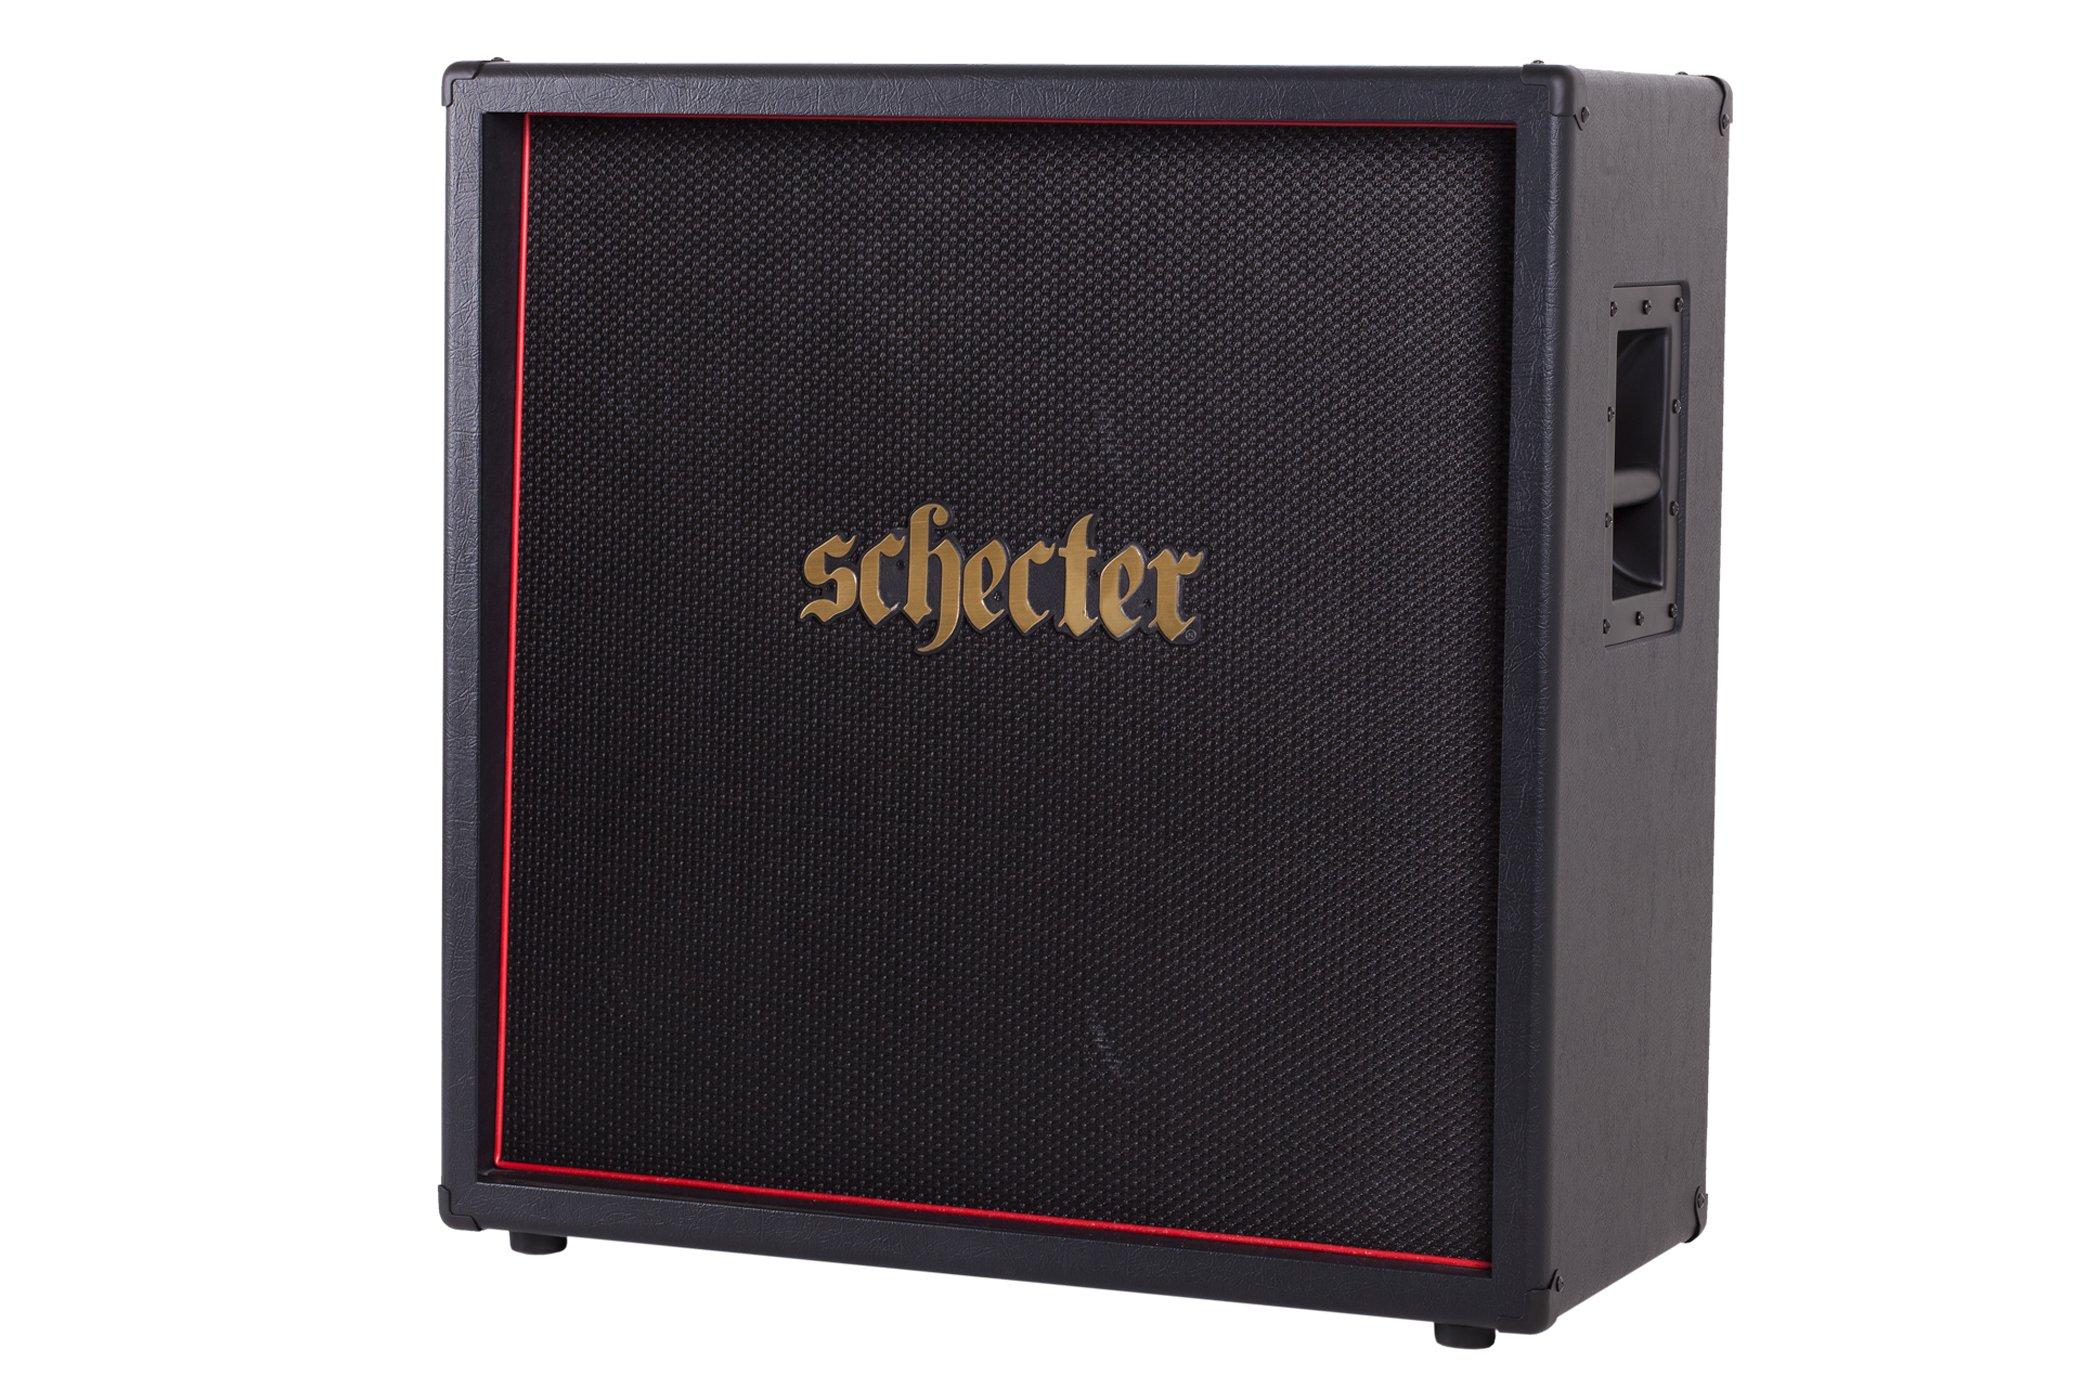 Schecter HR412-STE Hellraiser Stage 4x12 Straight Cab